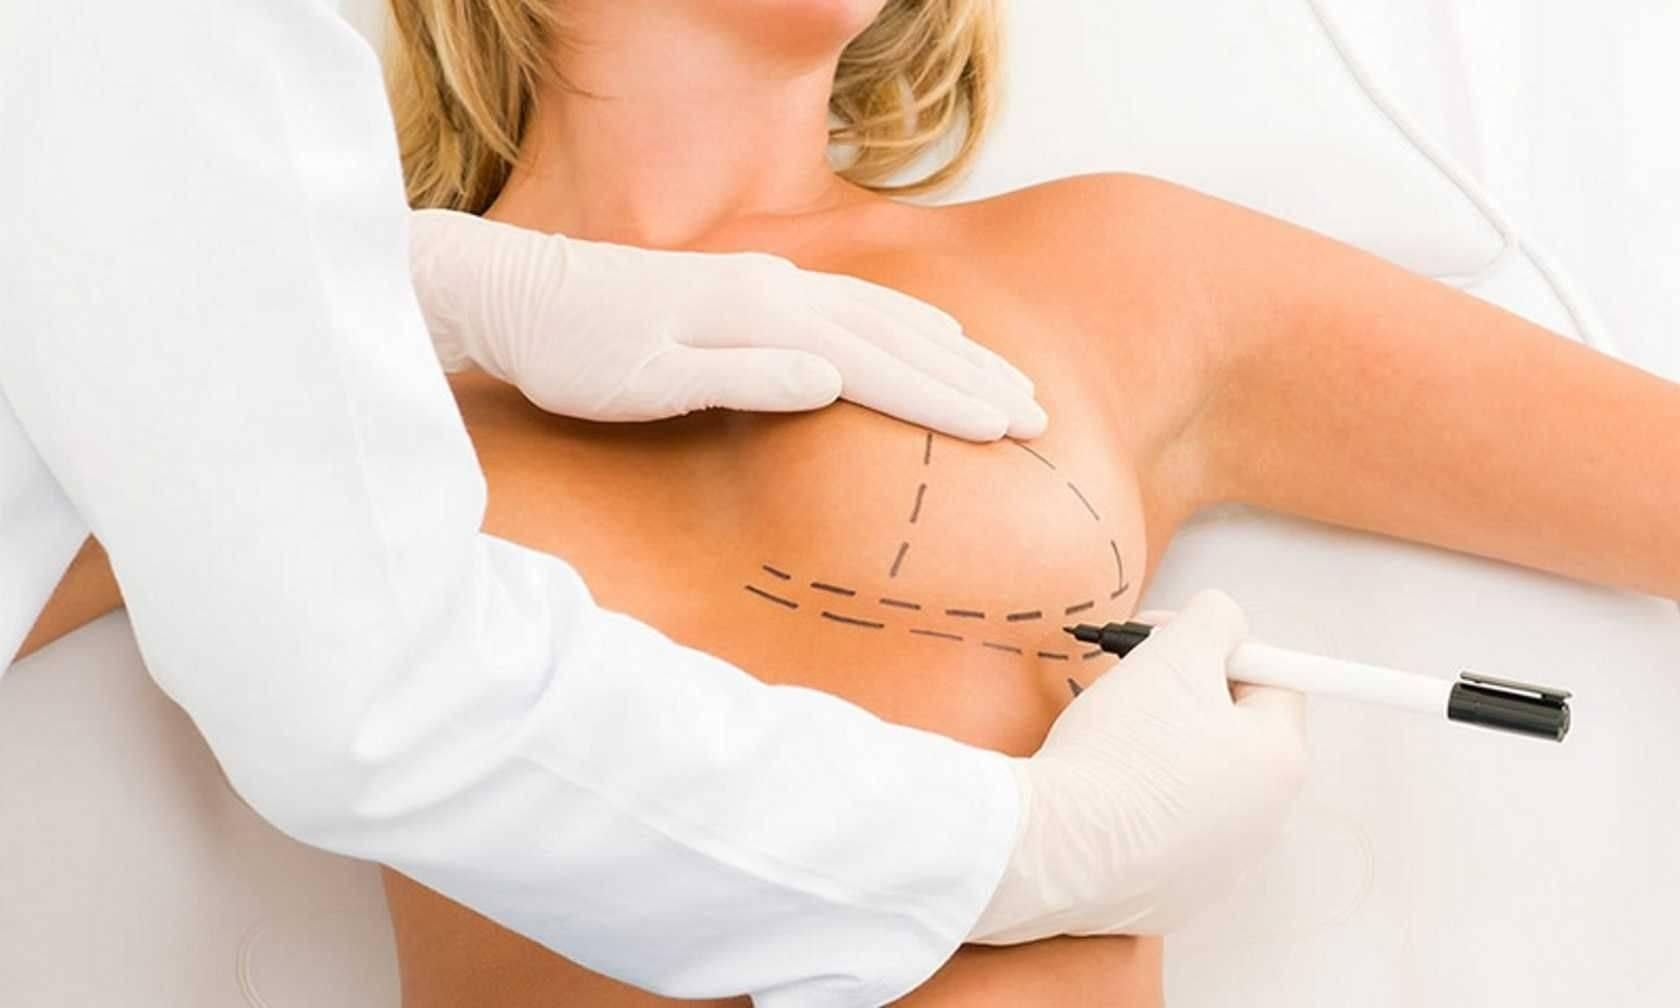 Какие последствия могут произойти после увеличения груди?